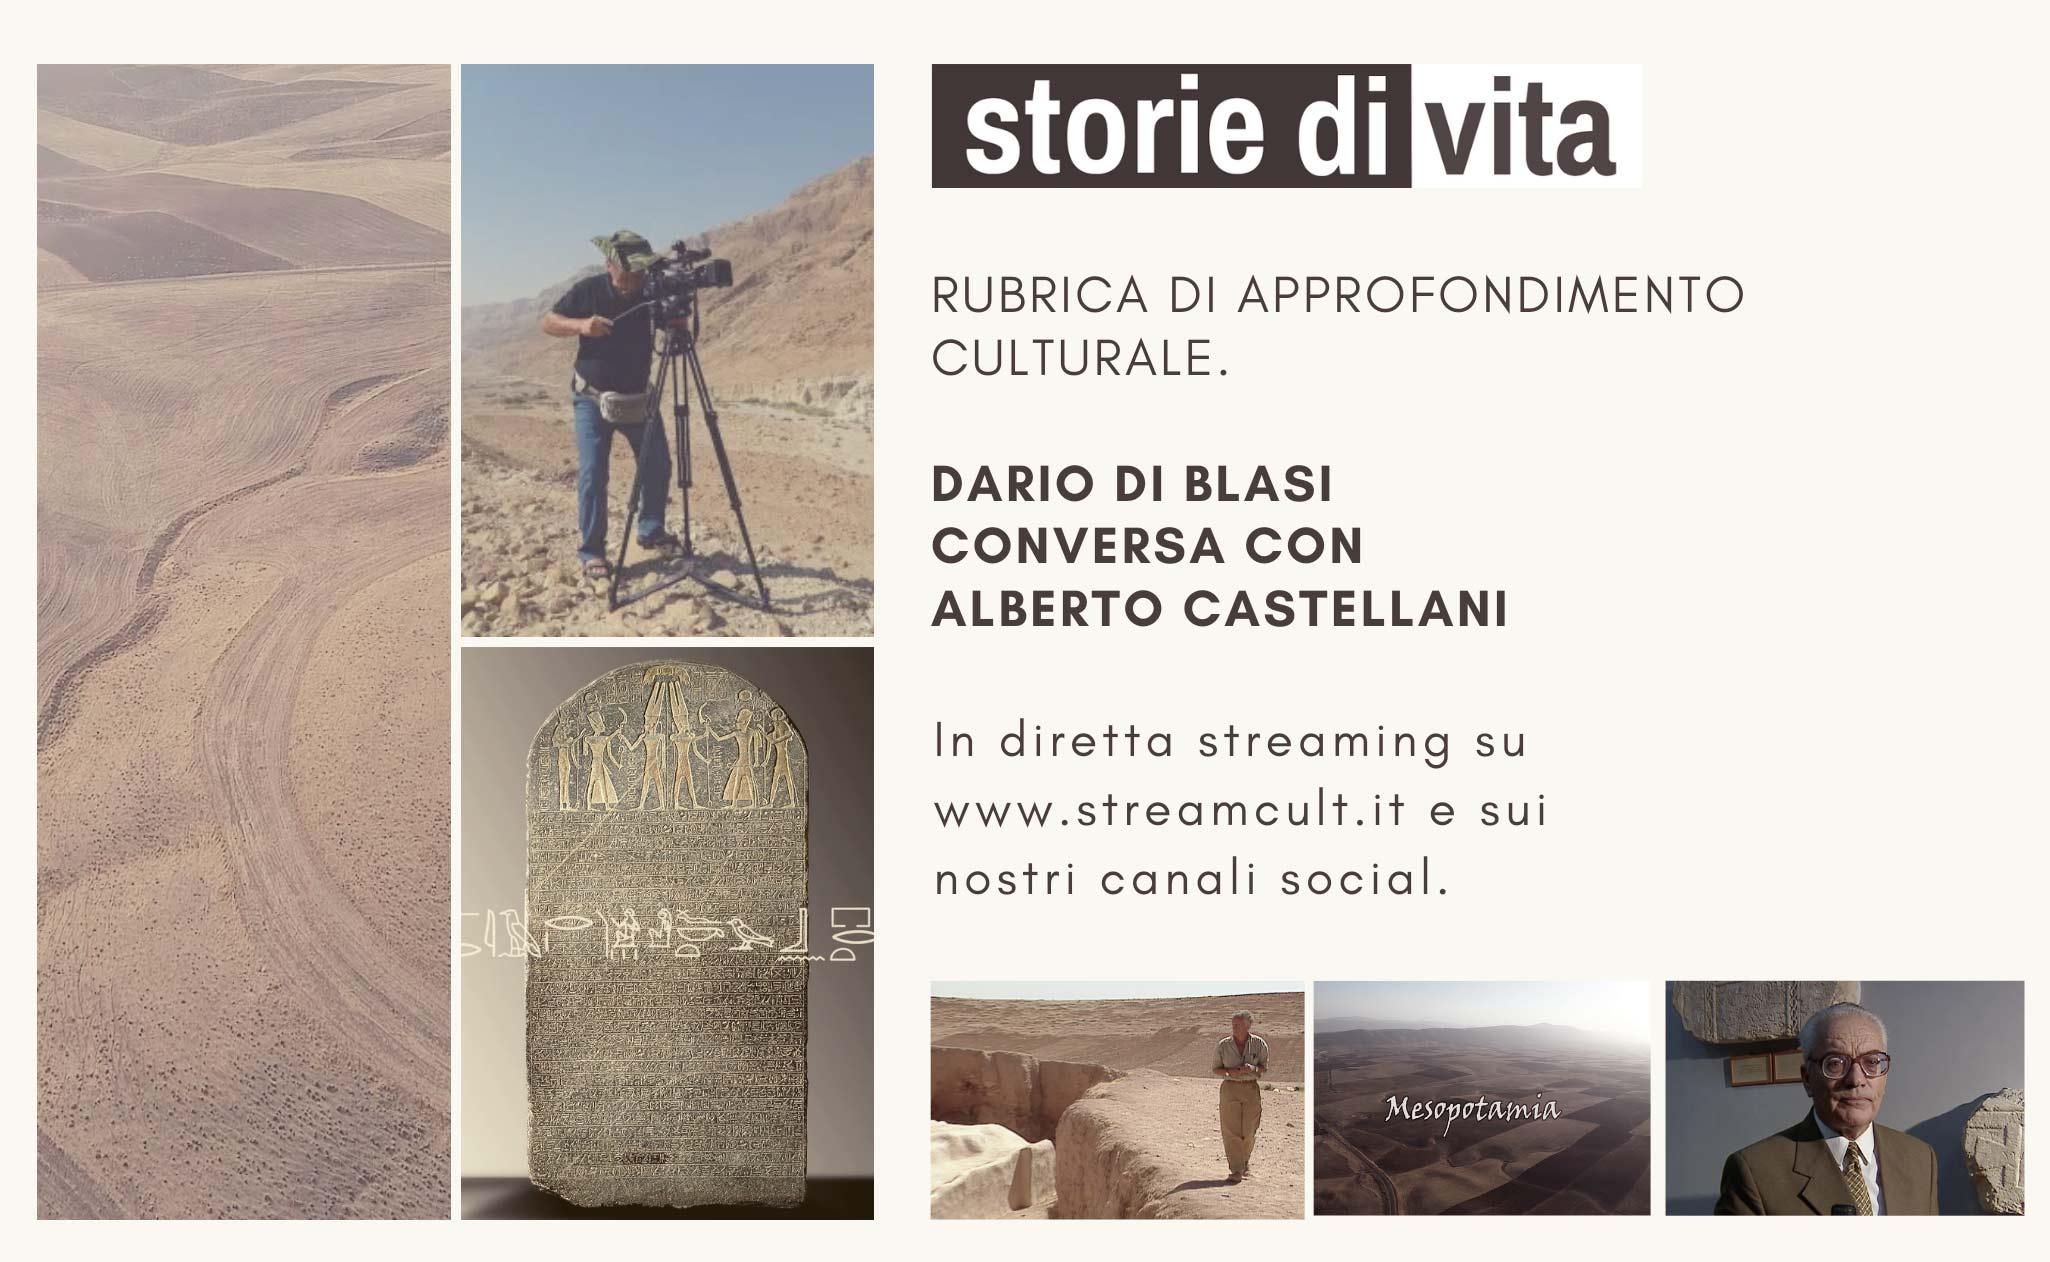 storie-di-vita-streamcult---castellani